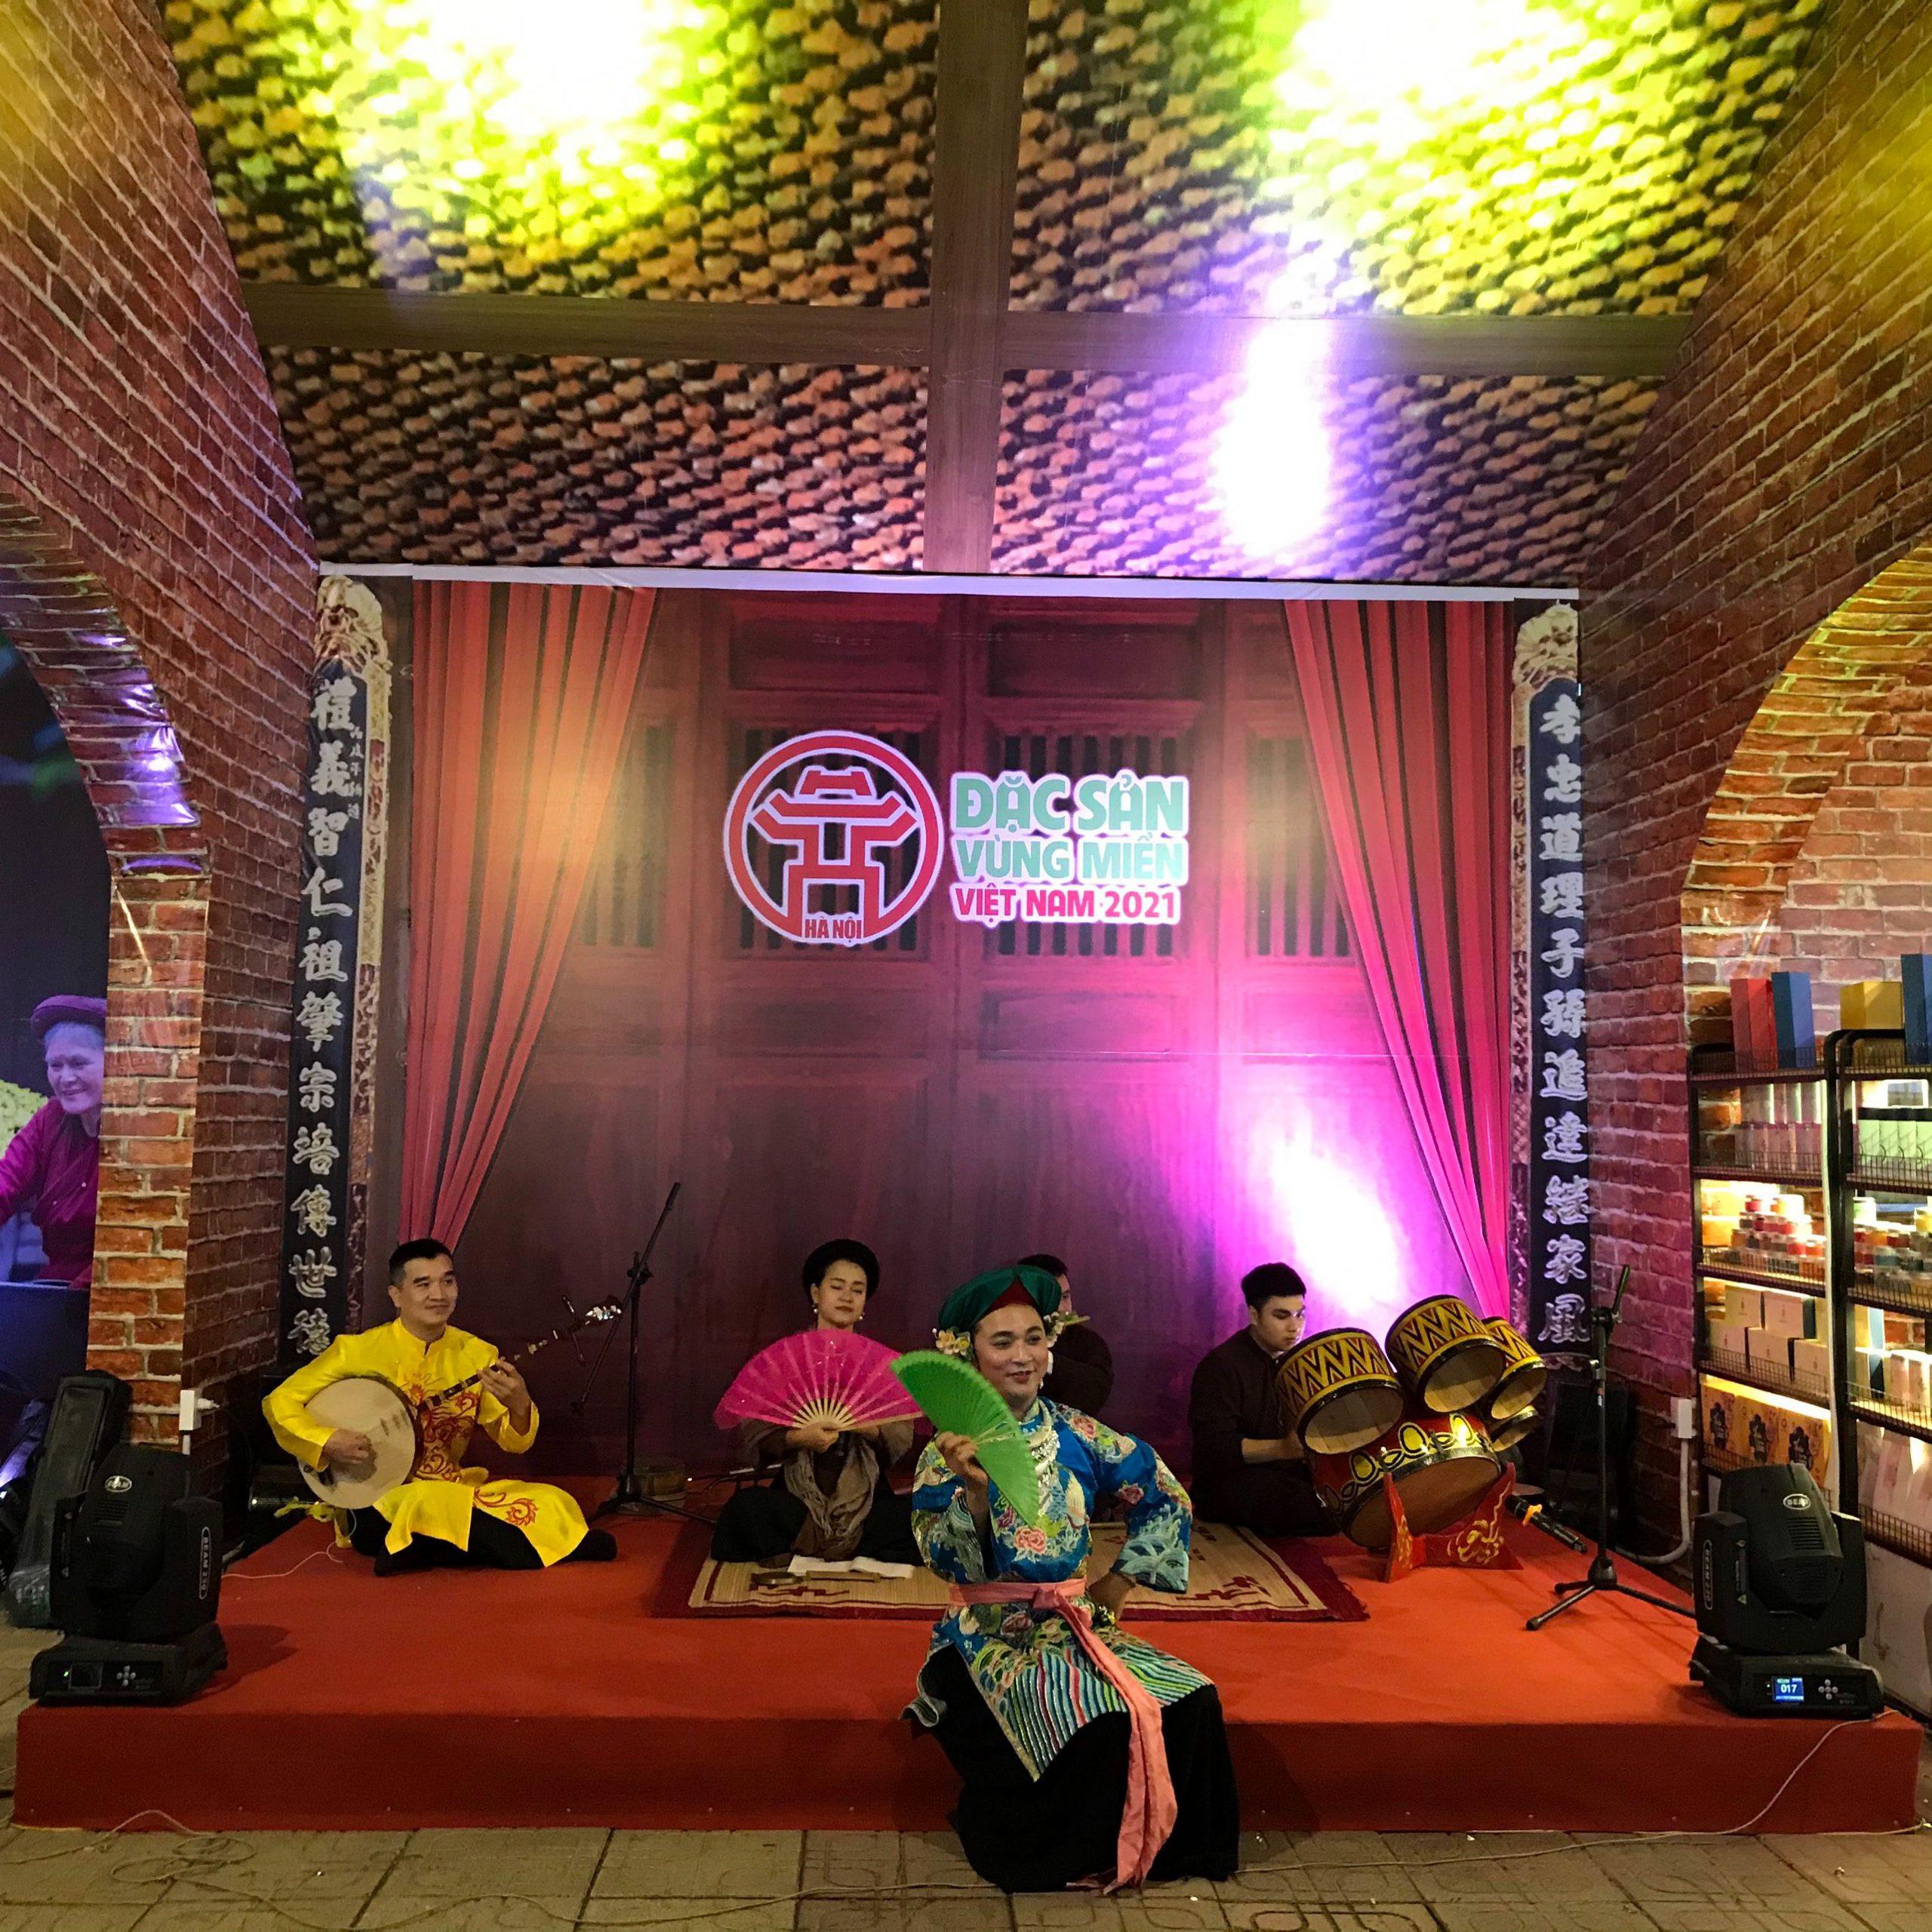 Rượu mơ Yên Tử tham gia hội chợ đặc sản vùng miền happy Tết 2021